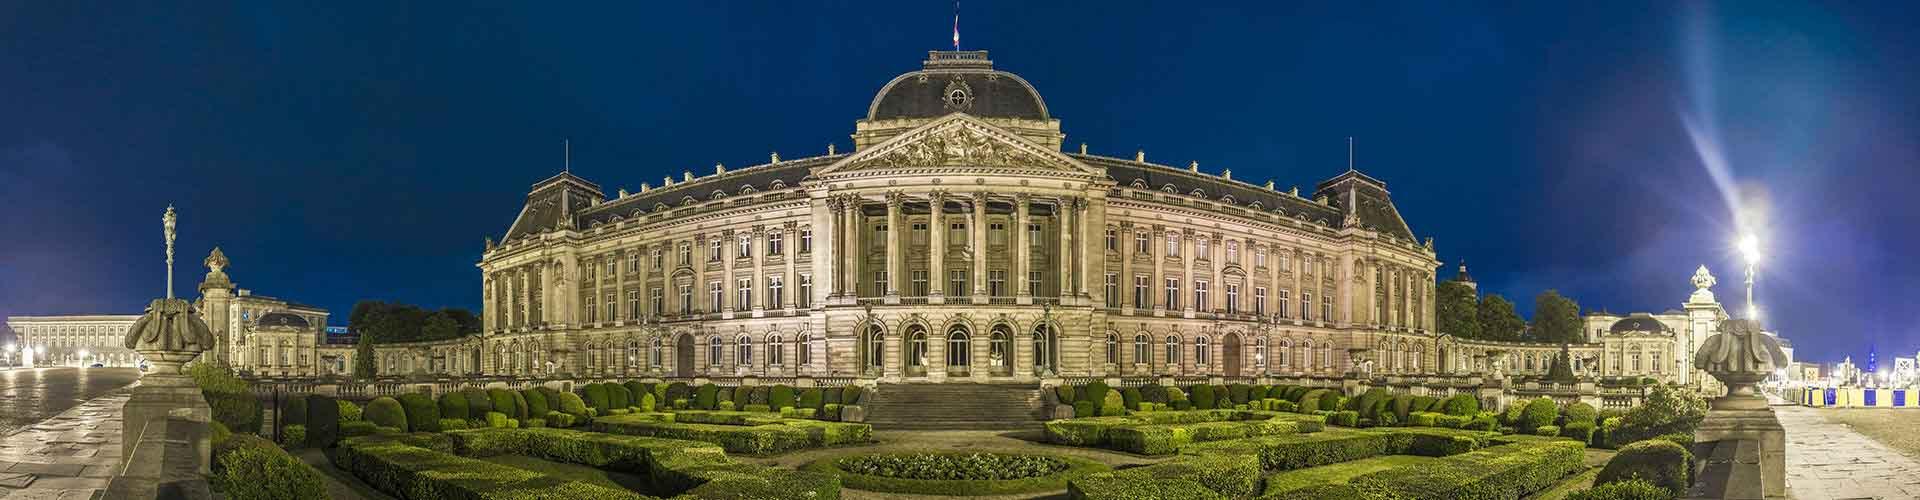 Brüssel - Wohnungen in Brüssel. Karten für Brüssel. Fotos und Bewertungen für jede Wohnung in Brüssel.